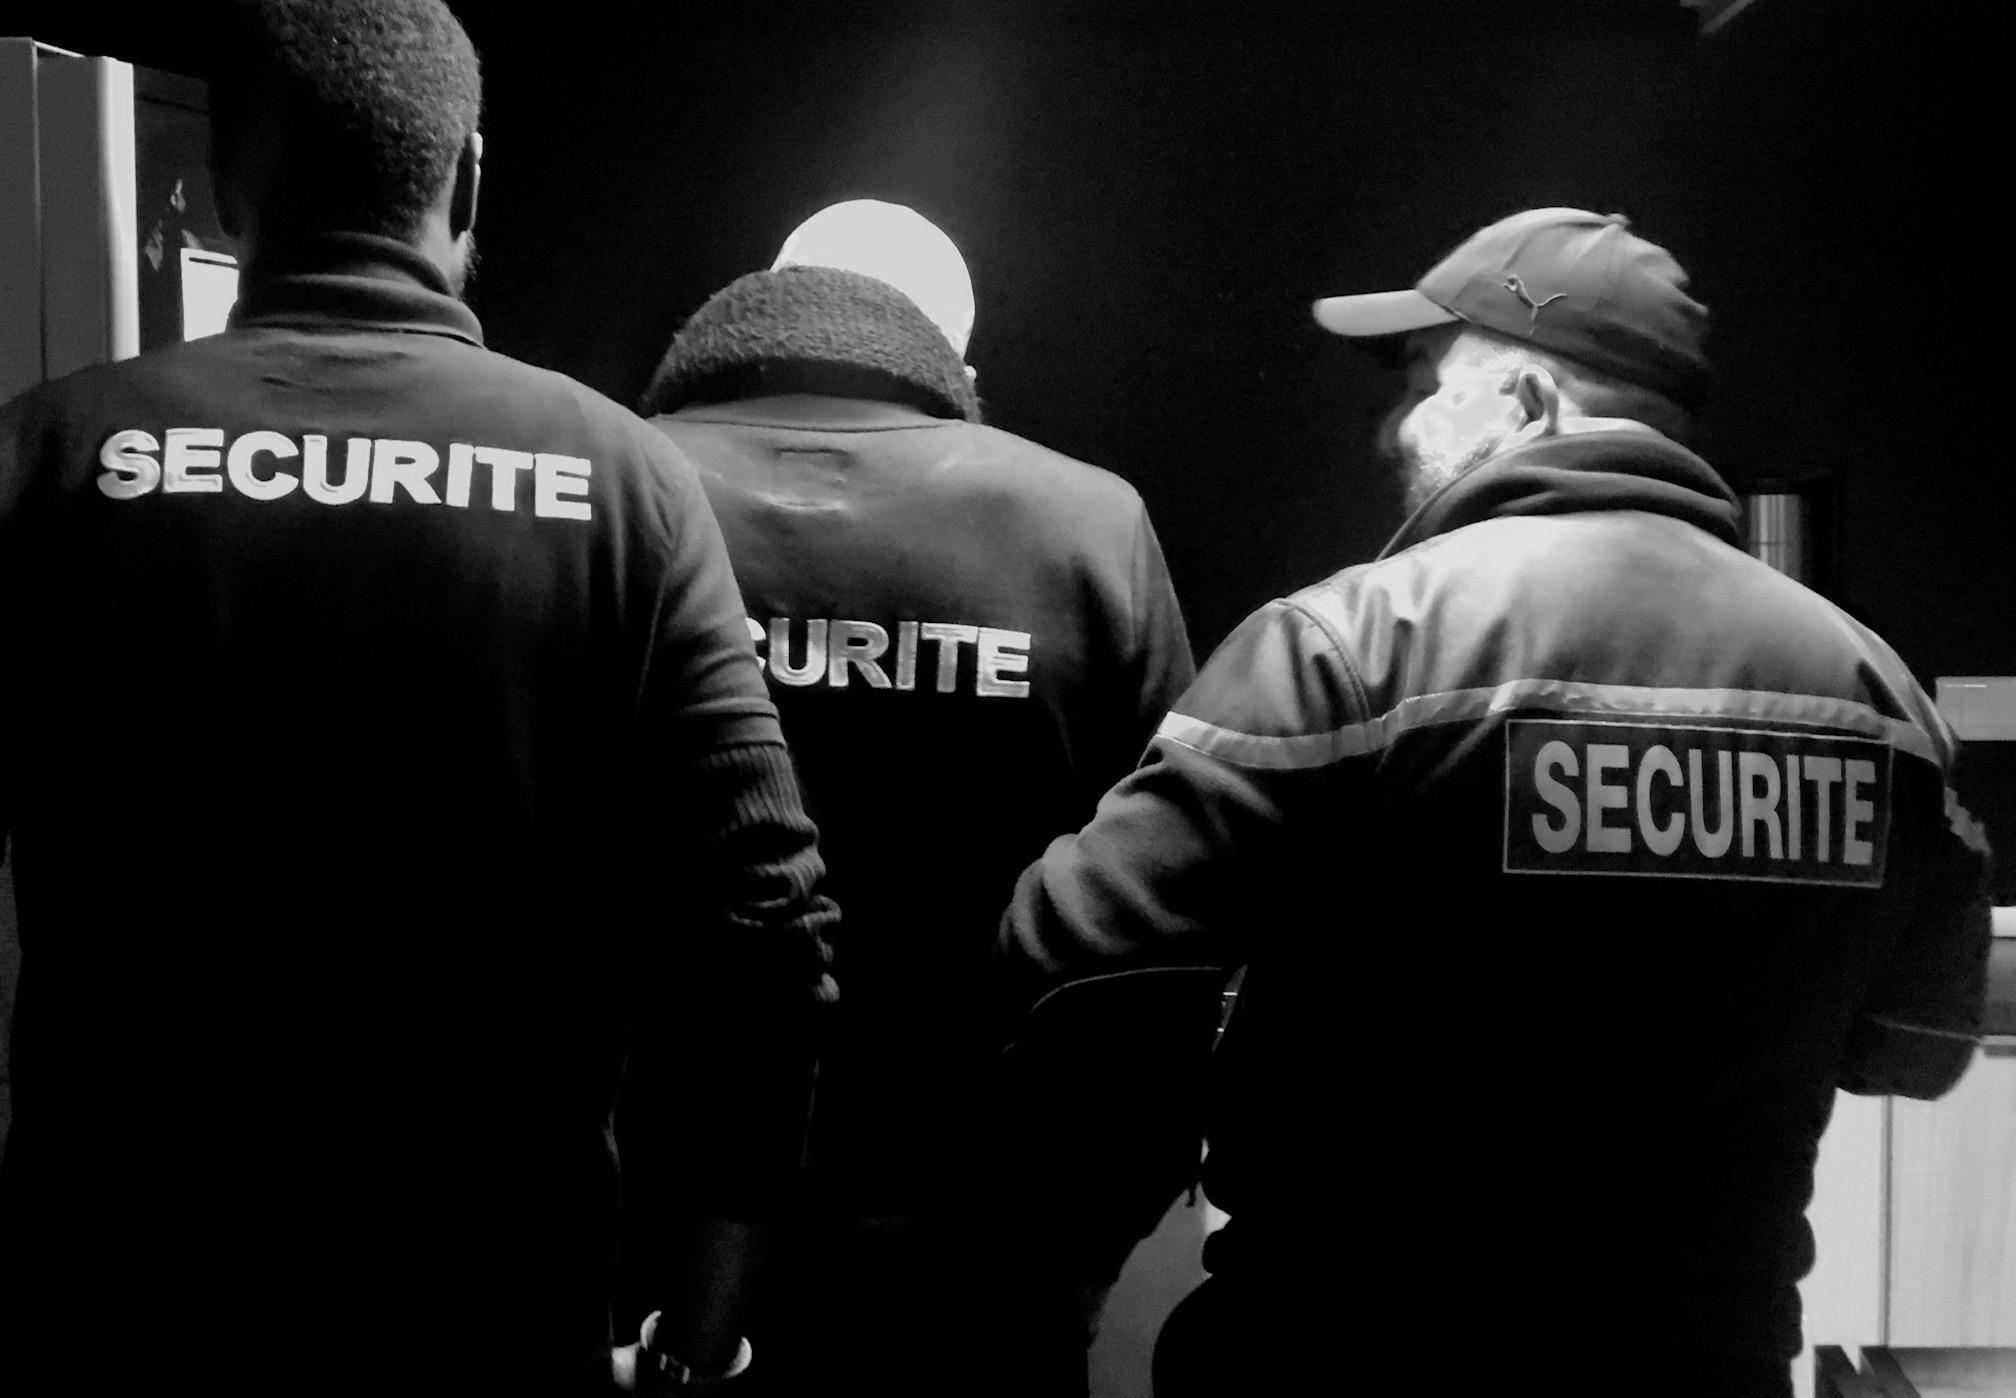 Recrutement: Formation Agent de sécurité, option chef.fe d'équipe + SSIAP 1 F/H chez EVOCIME Centre d'Ascension professionnelle RENNES à Rennes